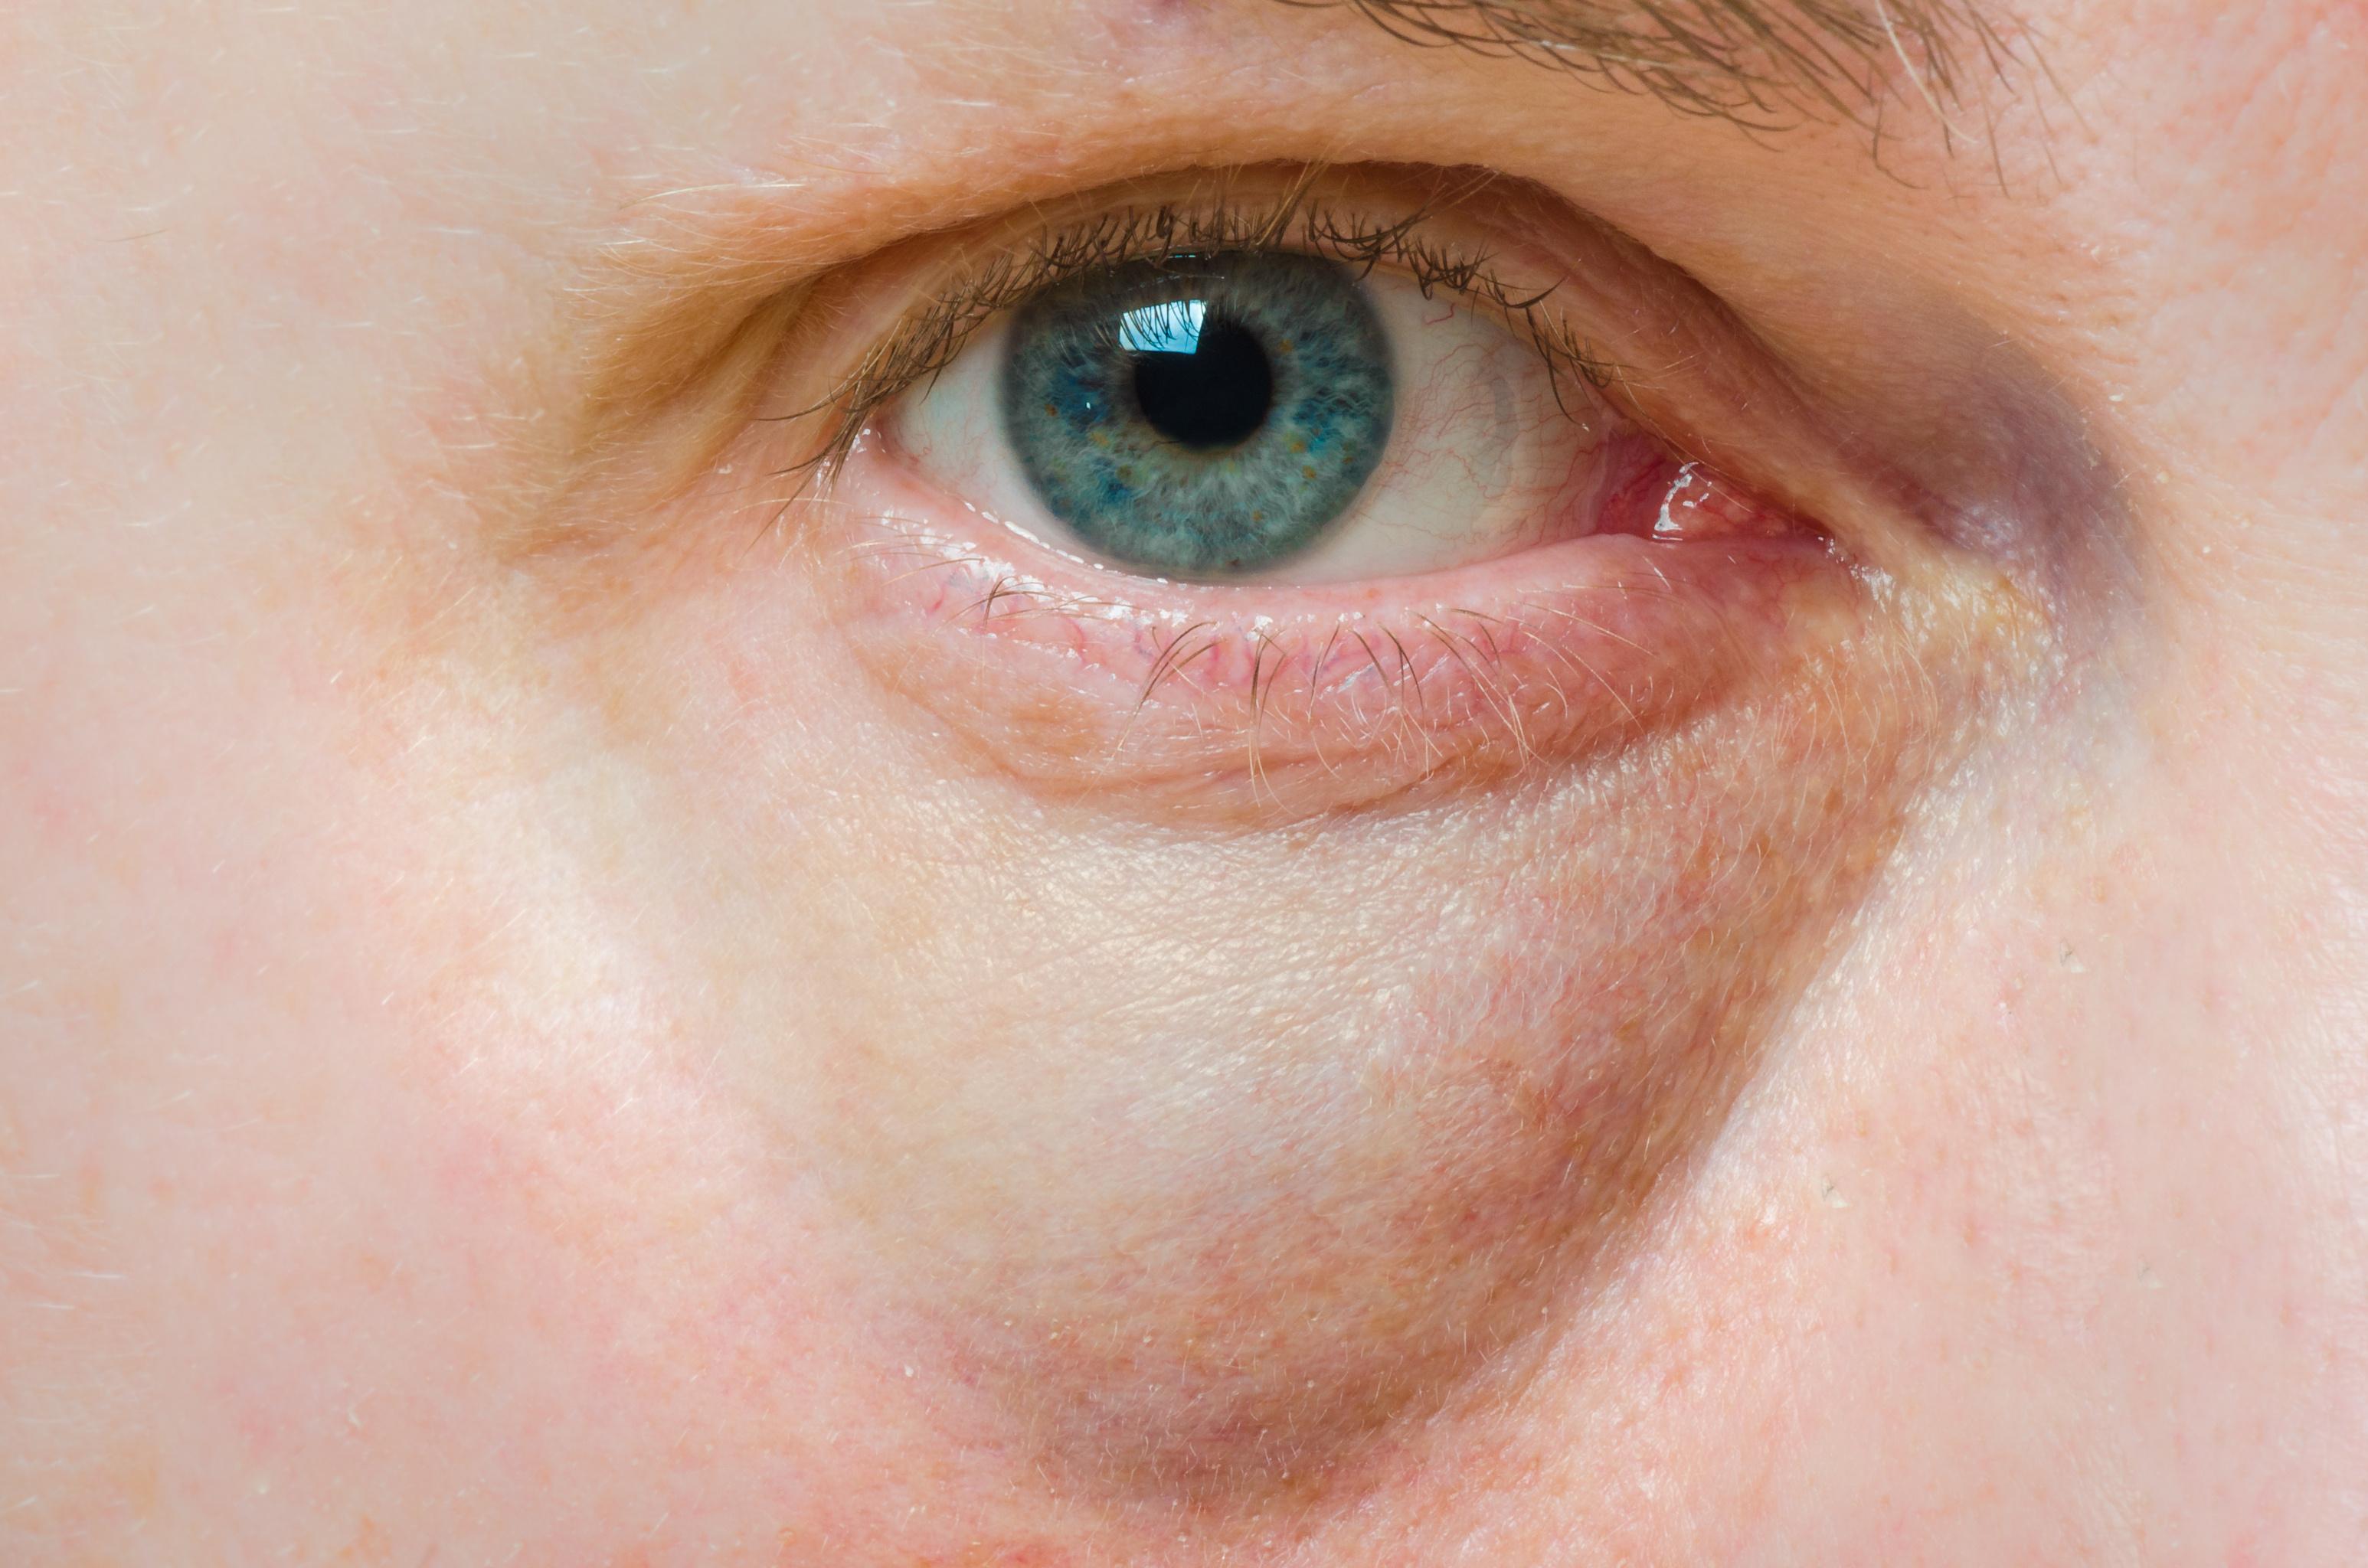 hogyan lehet eltávolítani a szem alatti vörös foltot)